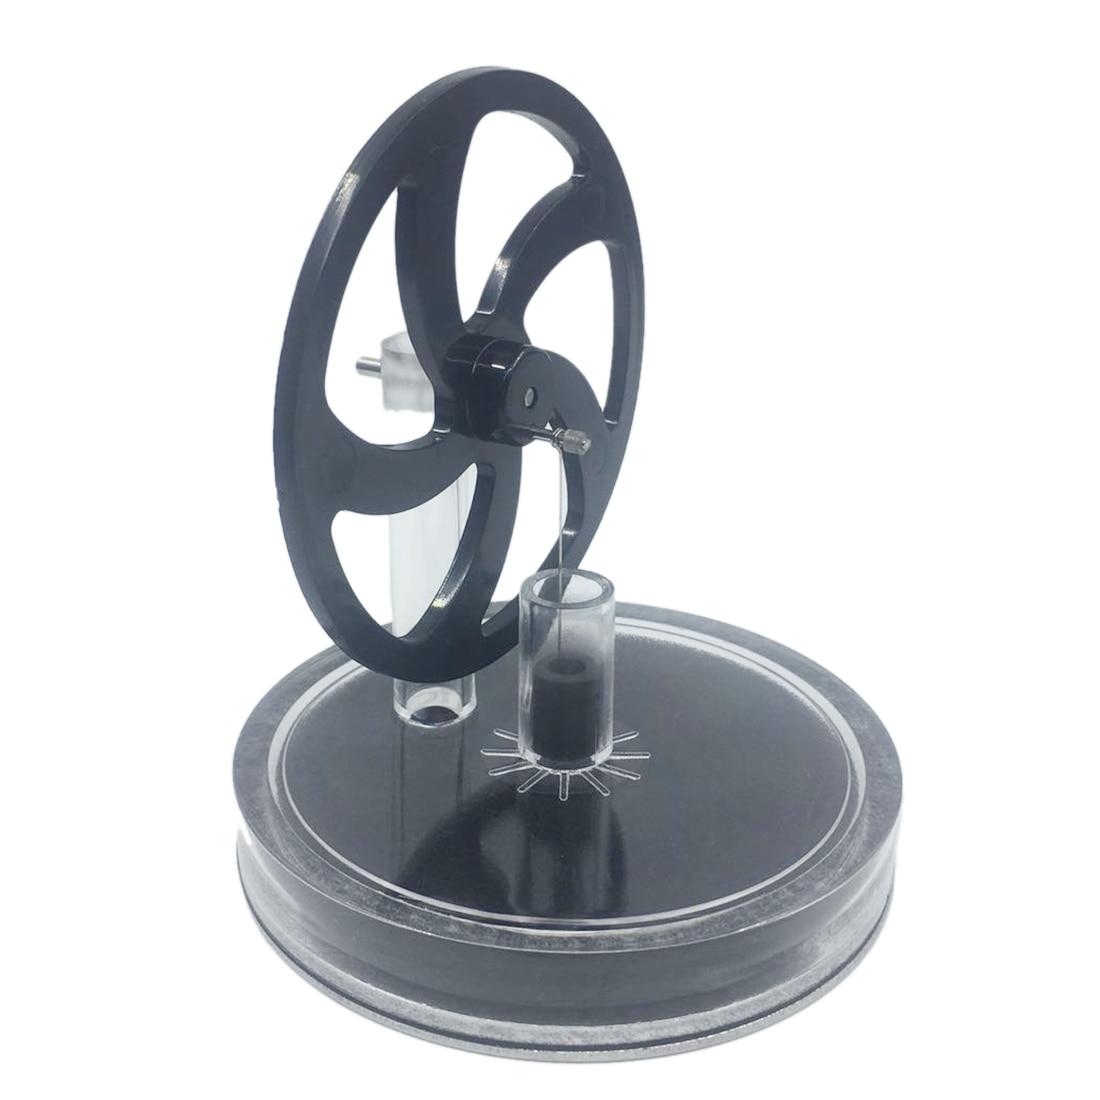 NFSTRIKE Low Temperature Stirling Engine model building kits for adult model building toys hobbies